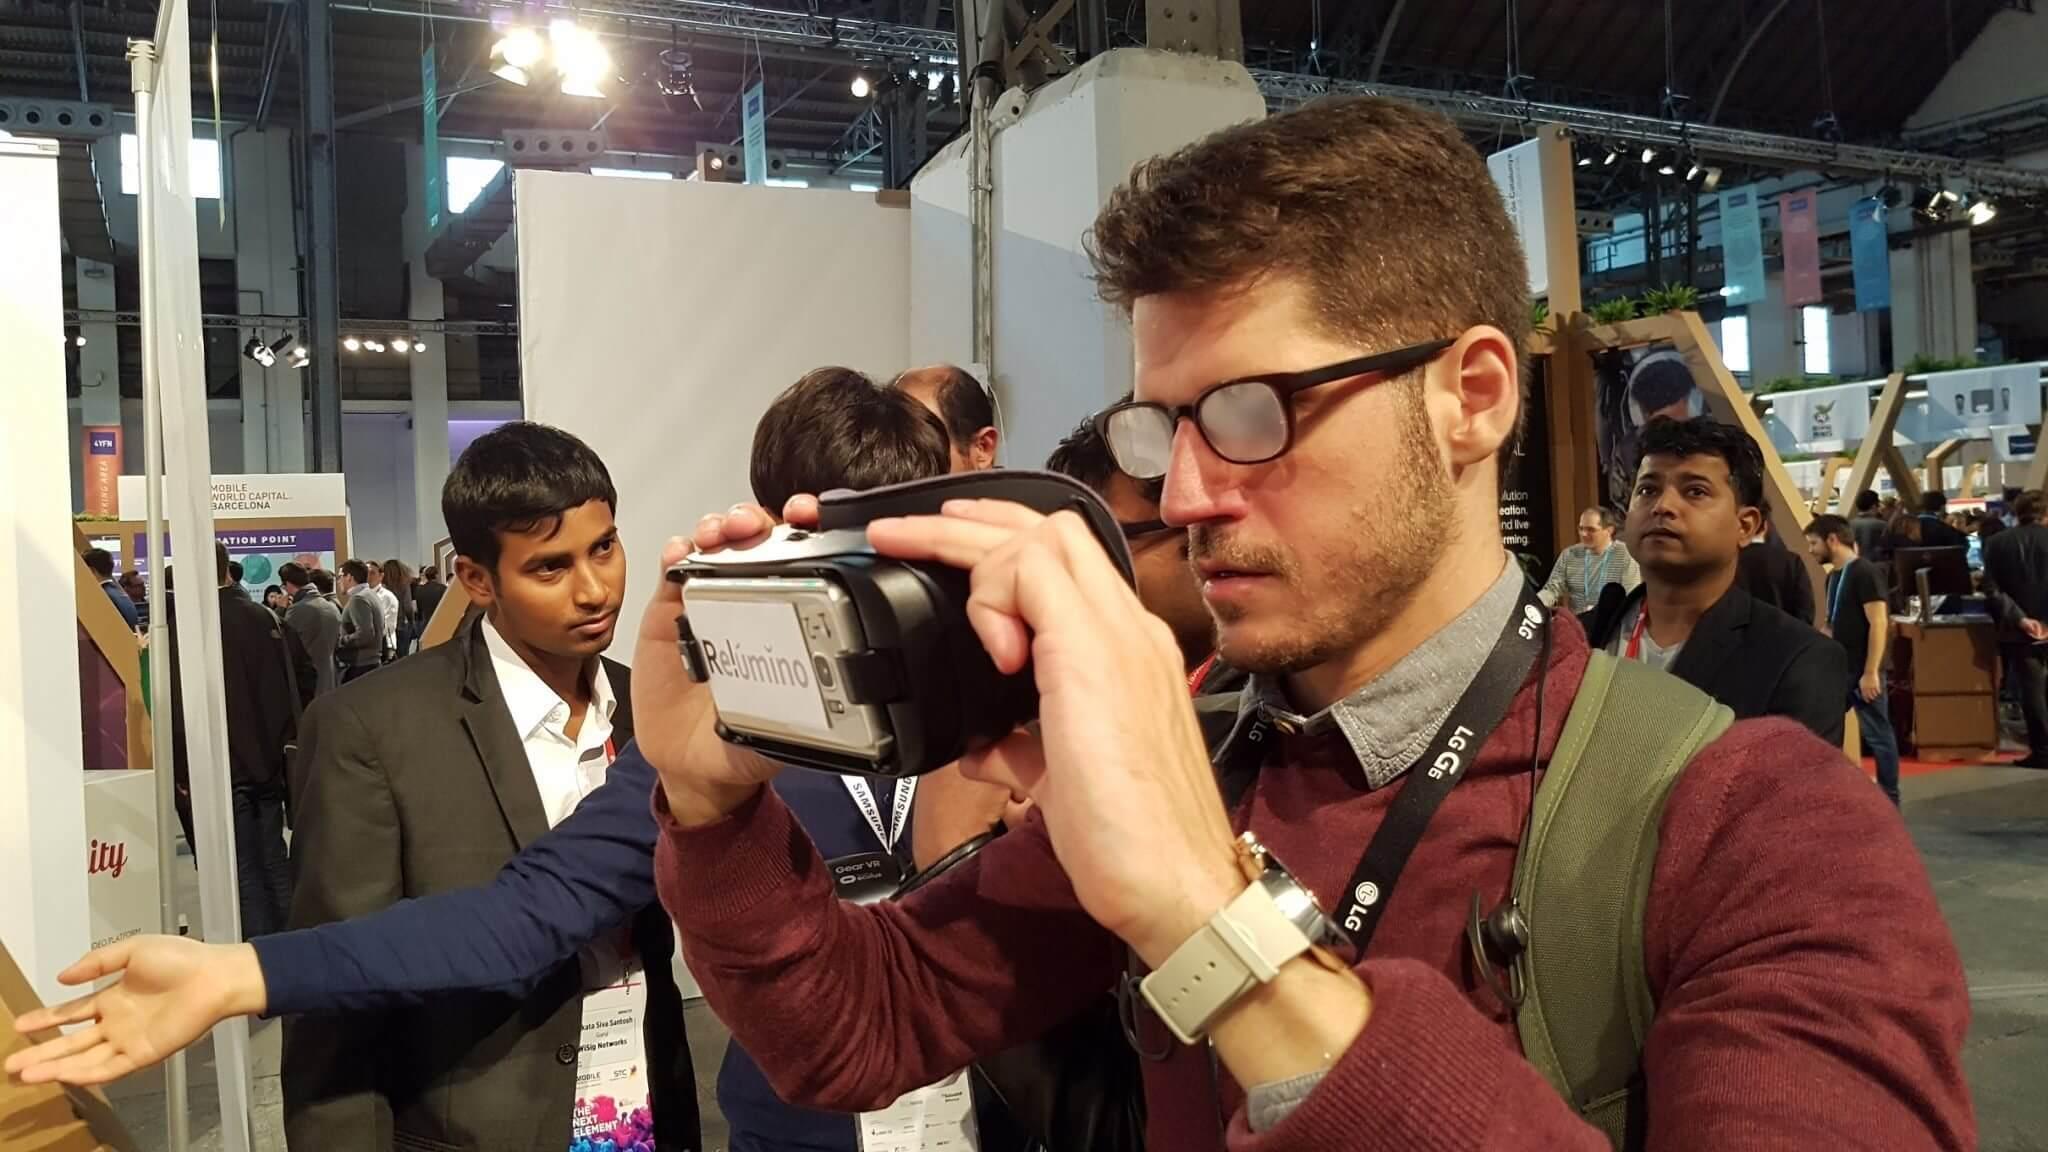 samsung relumino gear vr clab glasses óculos - Samsung demonstra Óculos AR para PCs e mais outras inovações